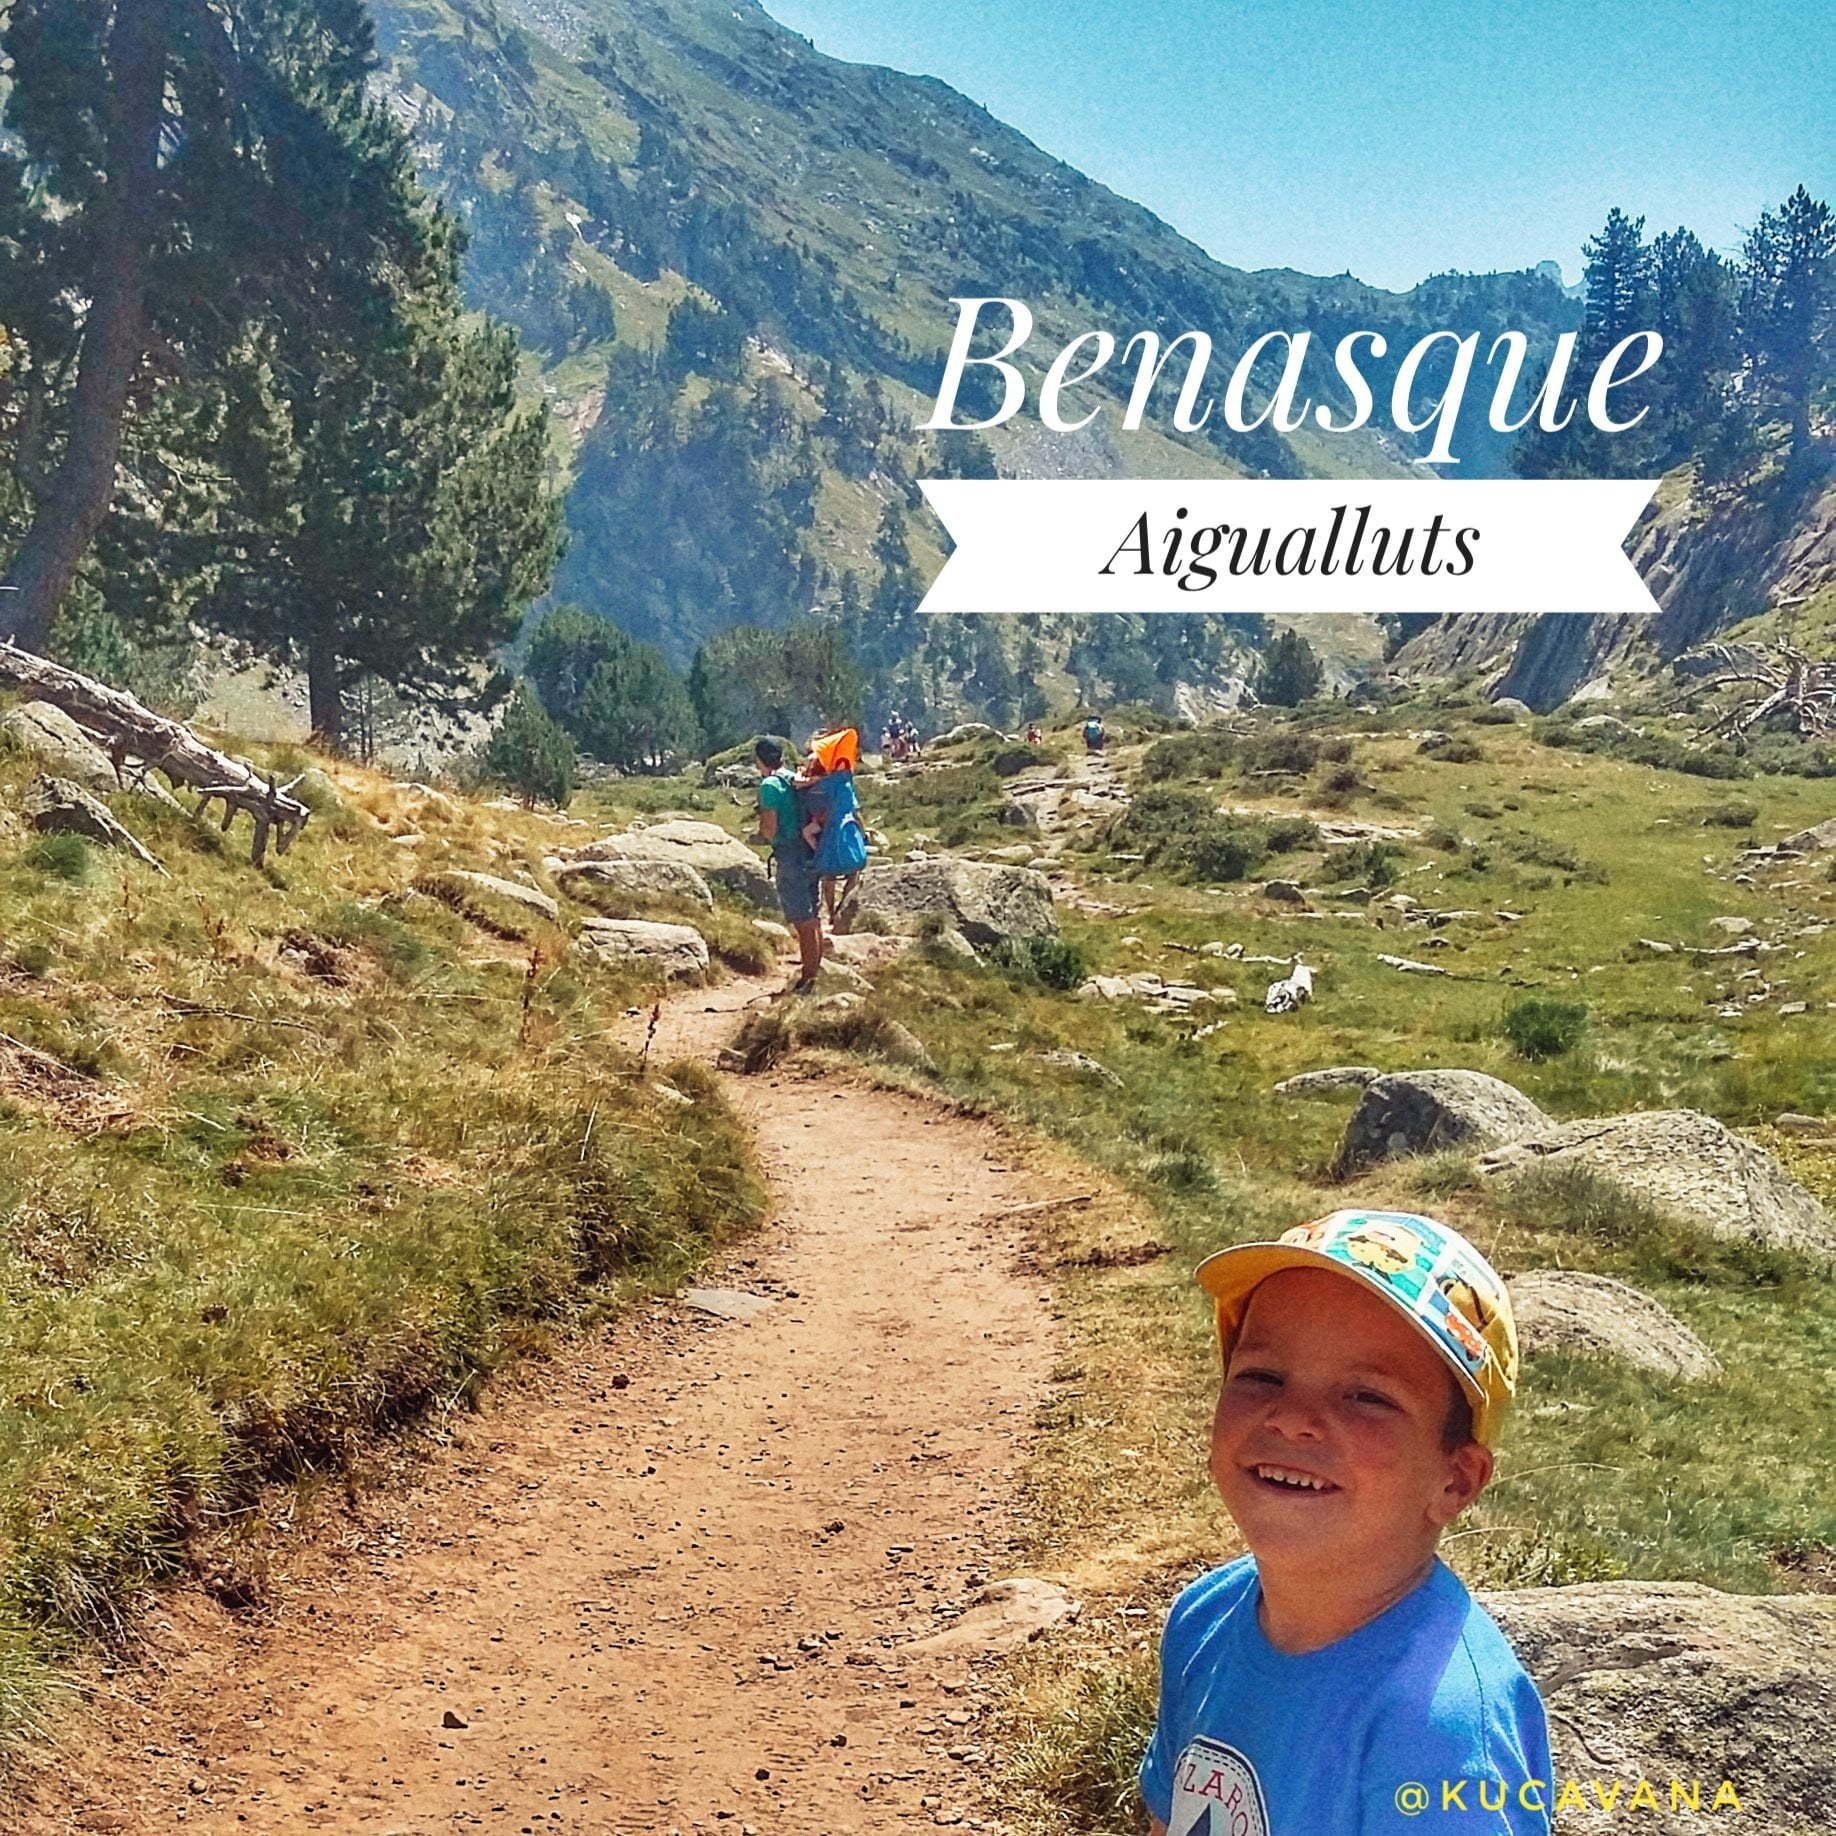 La valle del Benasque, una fresca estate di relax